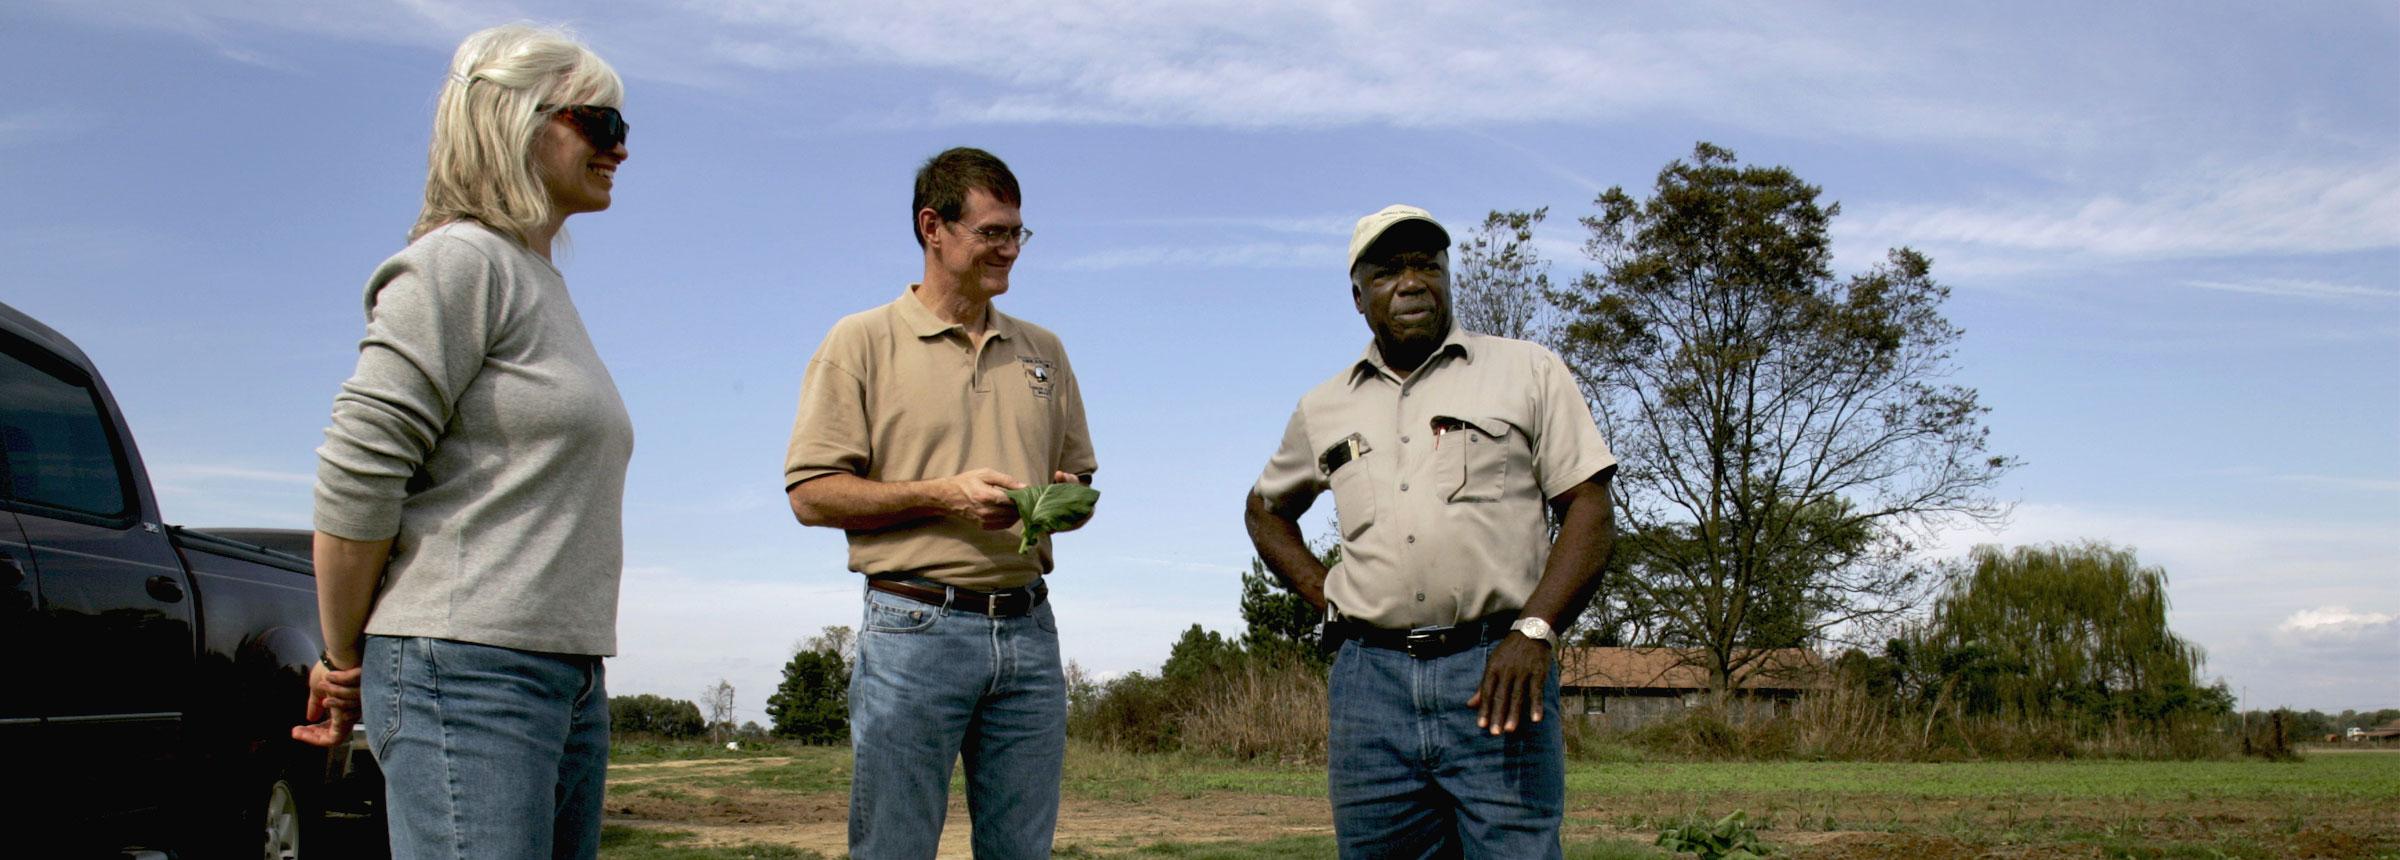 Arkansas farmers